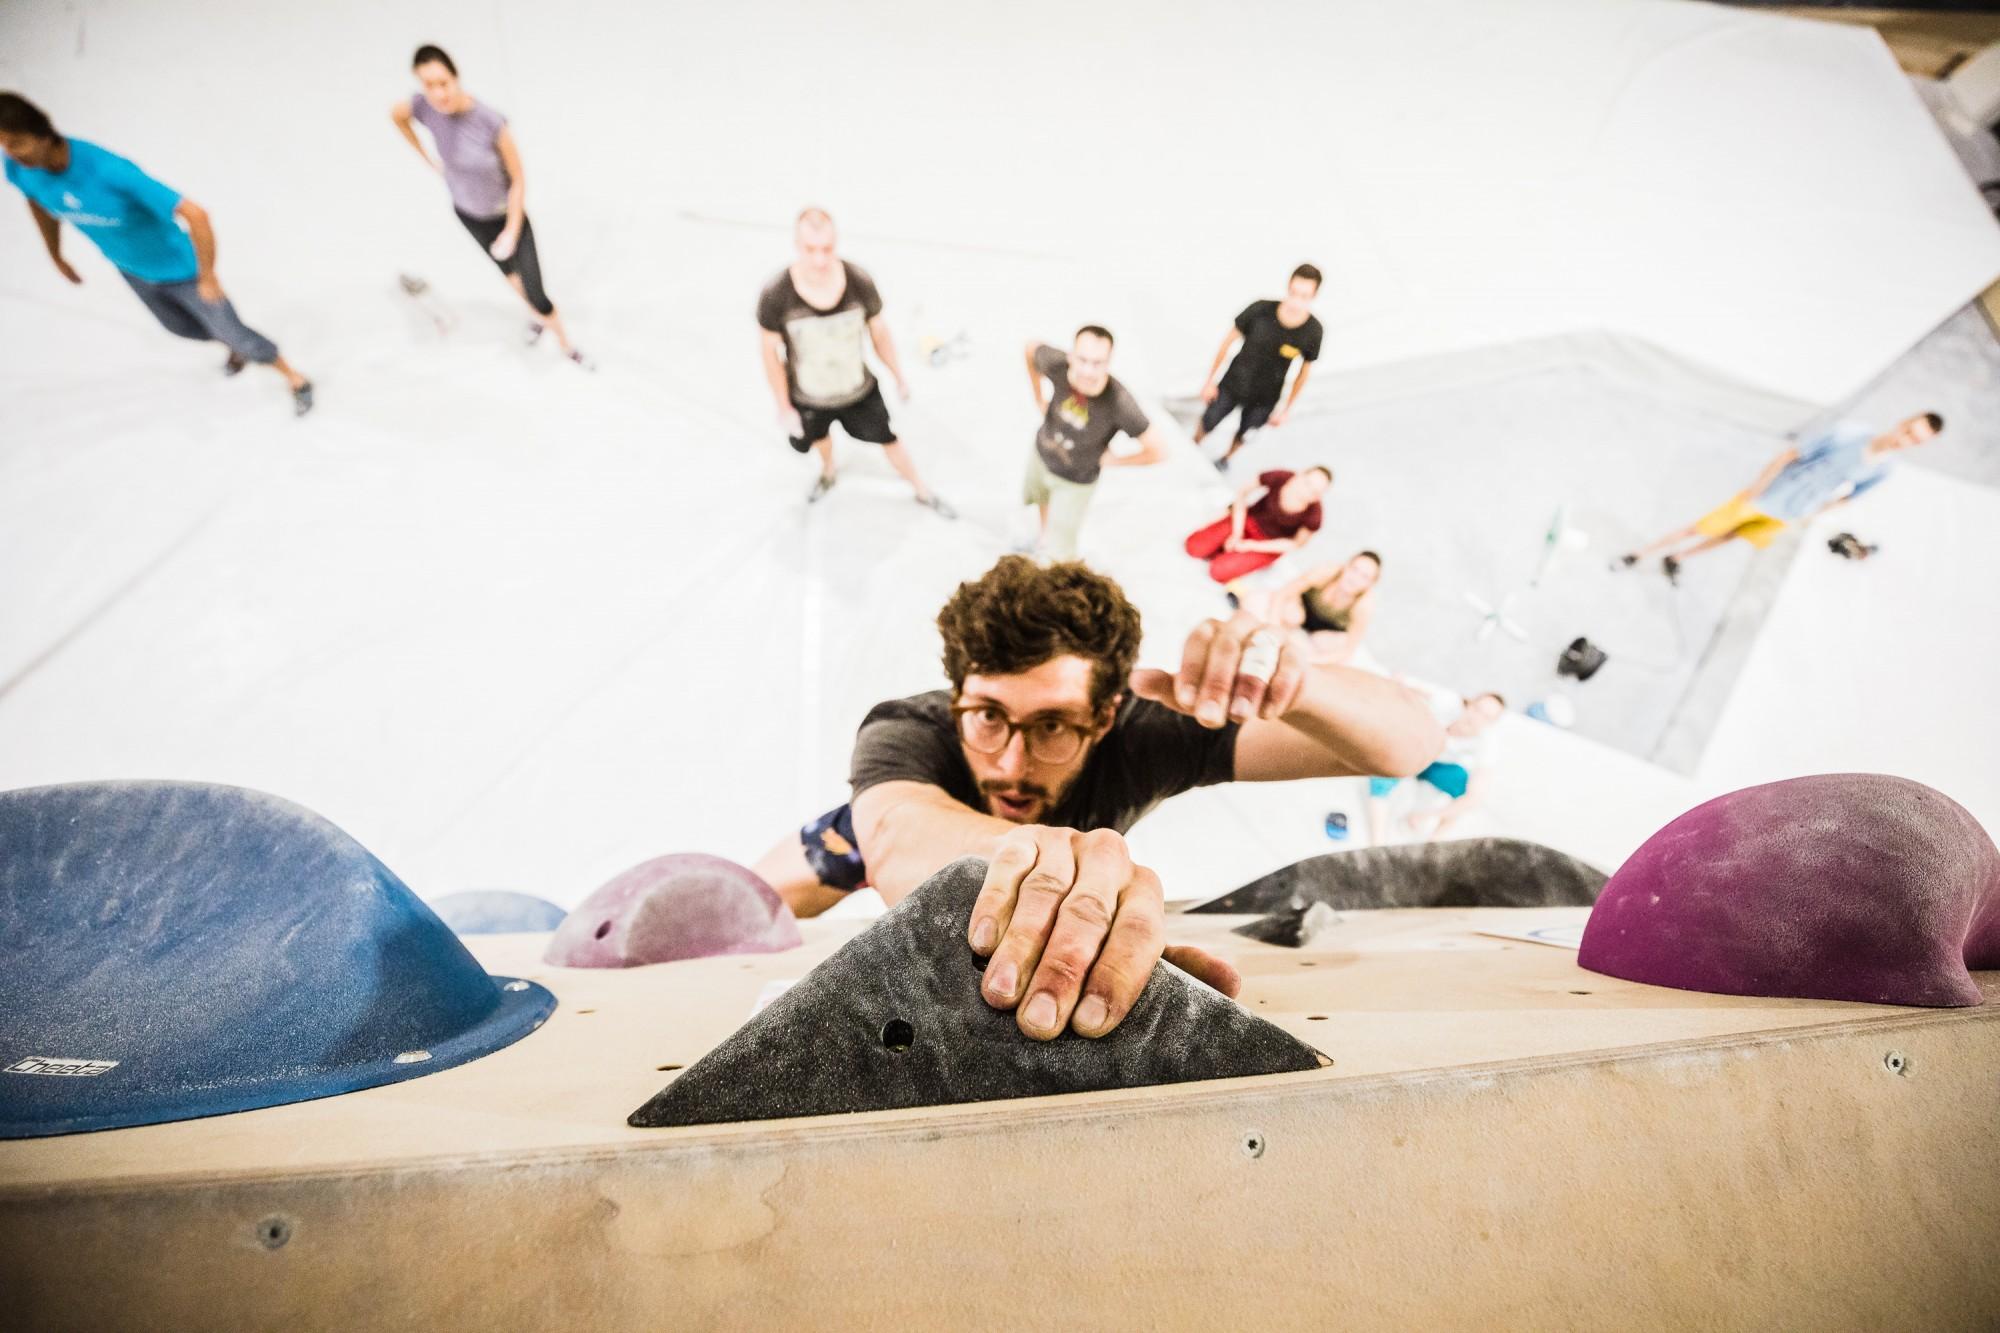 Nova sezona plezalnih vadb